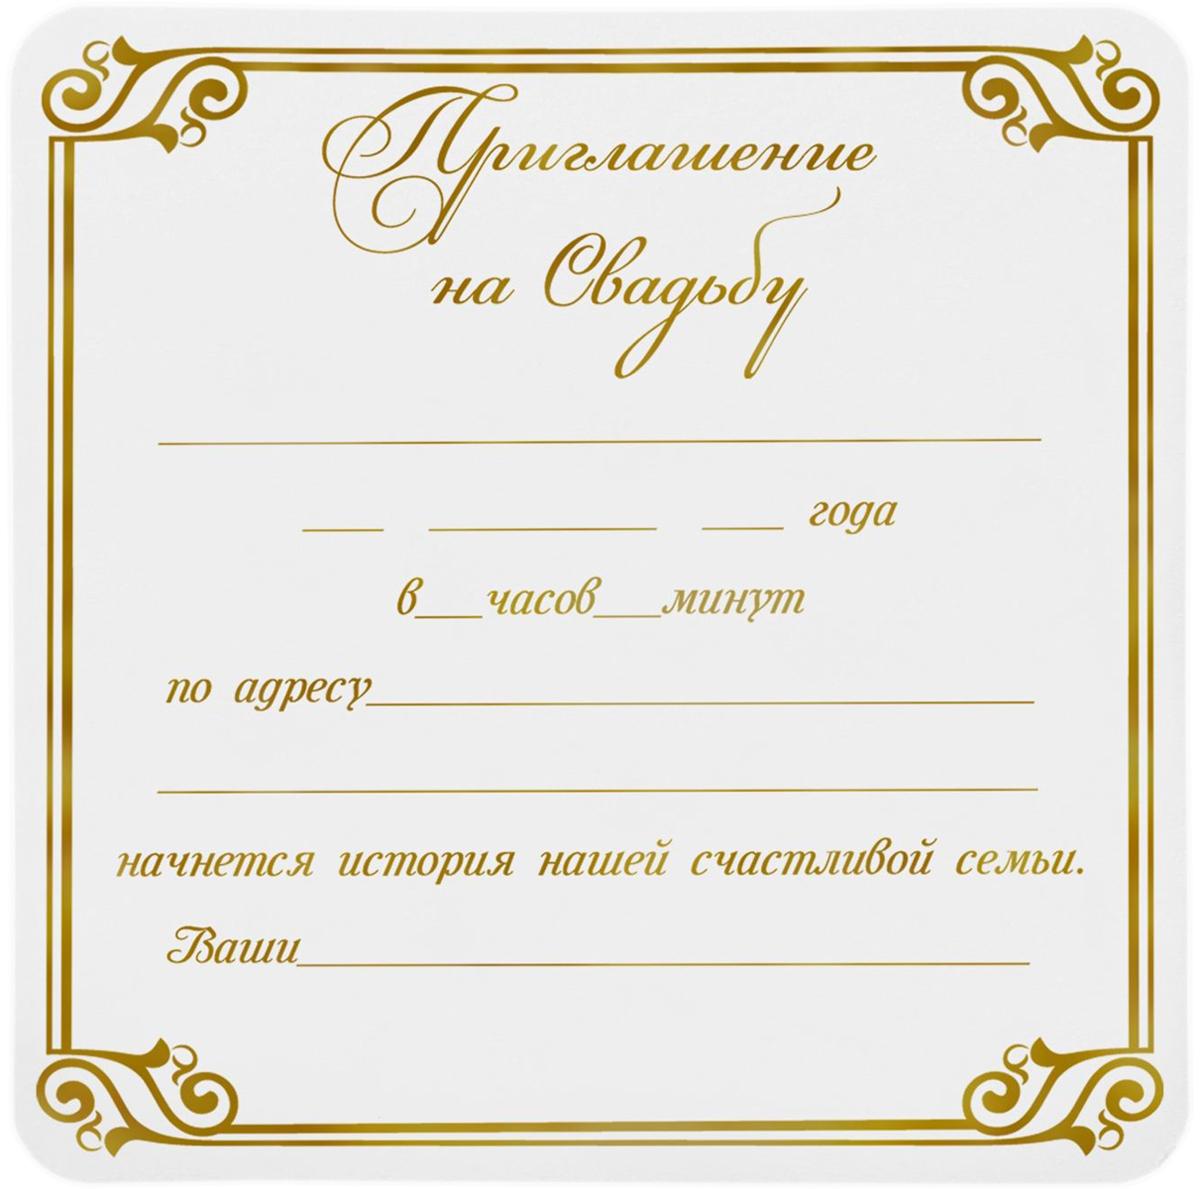 Шаблон приглашения на свадьбу, сад открытки